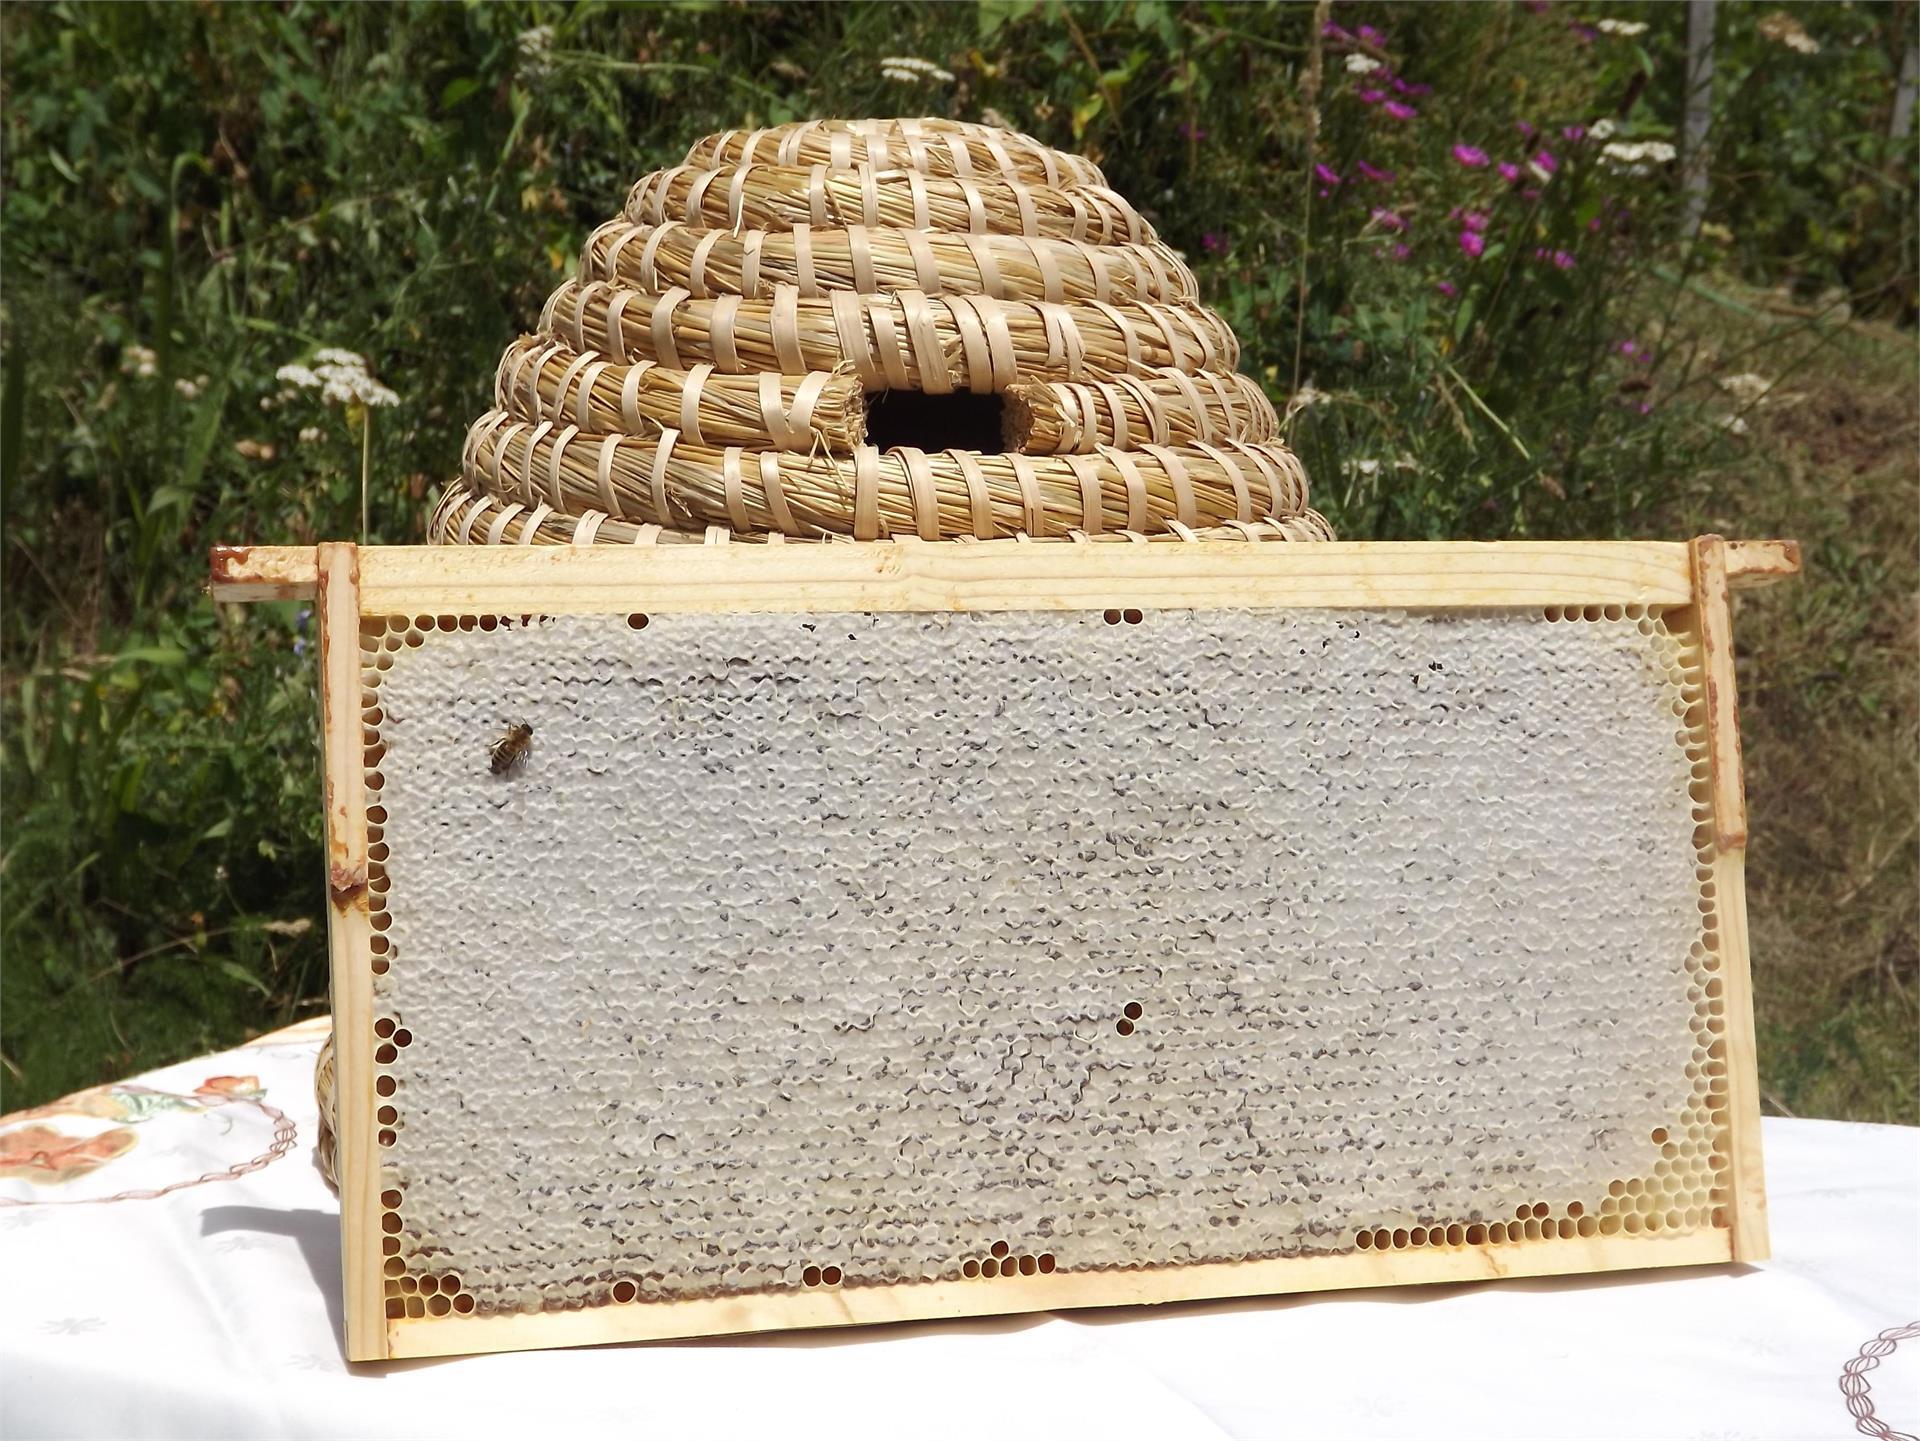 Beekeeping Wieser Erwin